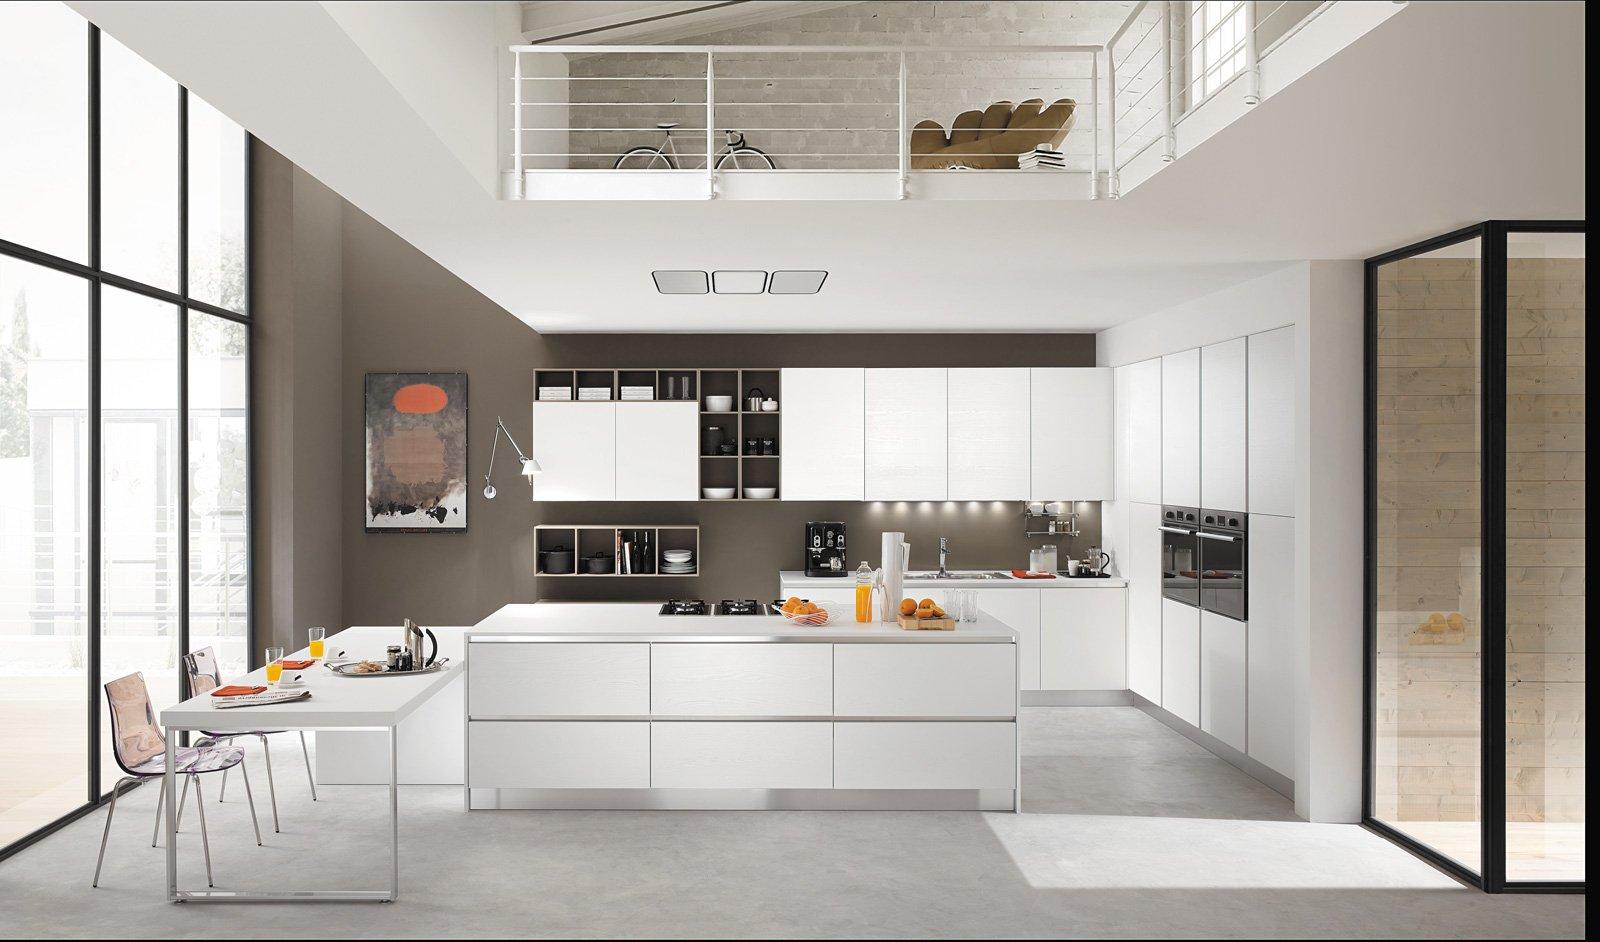 Tanto bianco e la cucina raddoppia visivamente cose di casa for Immagini per cucina